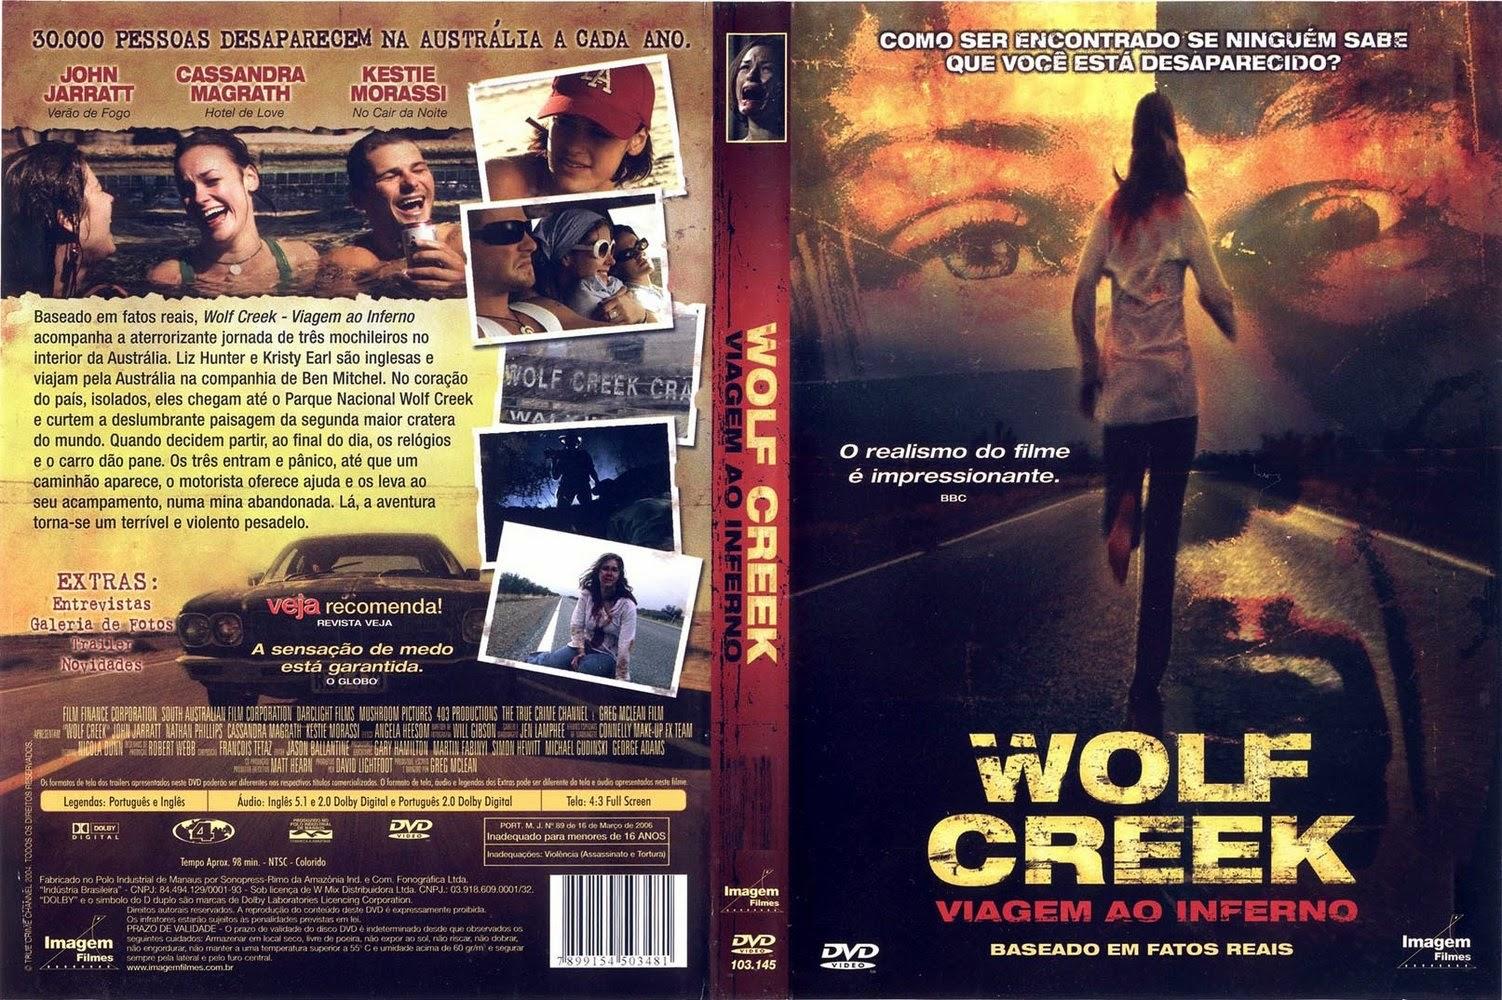 Wolf Creek - Viagem Ao inferno DVD Capa